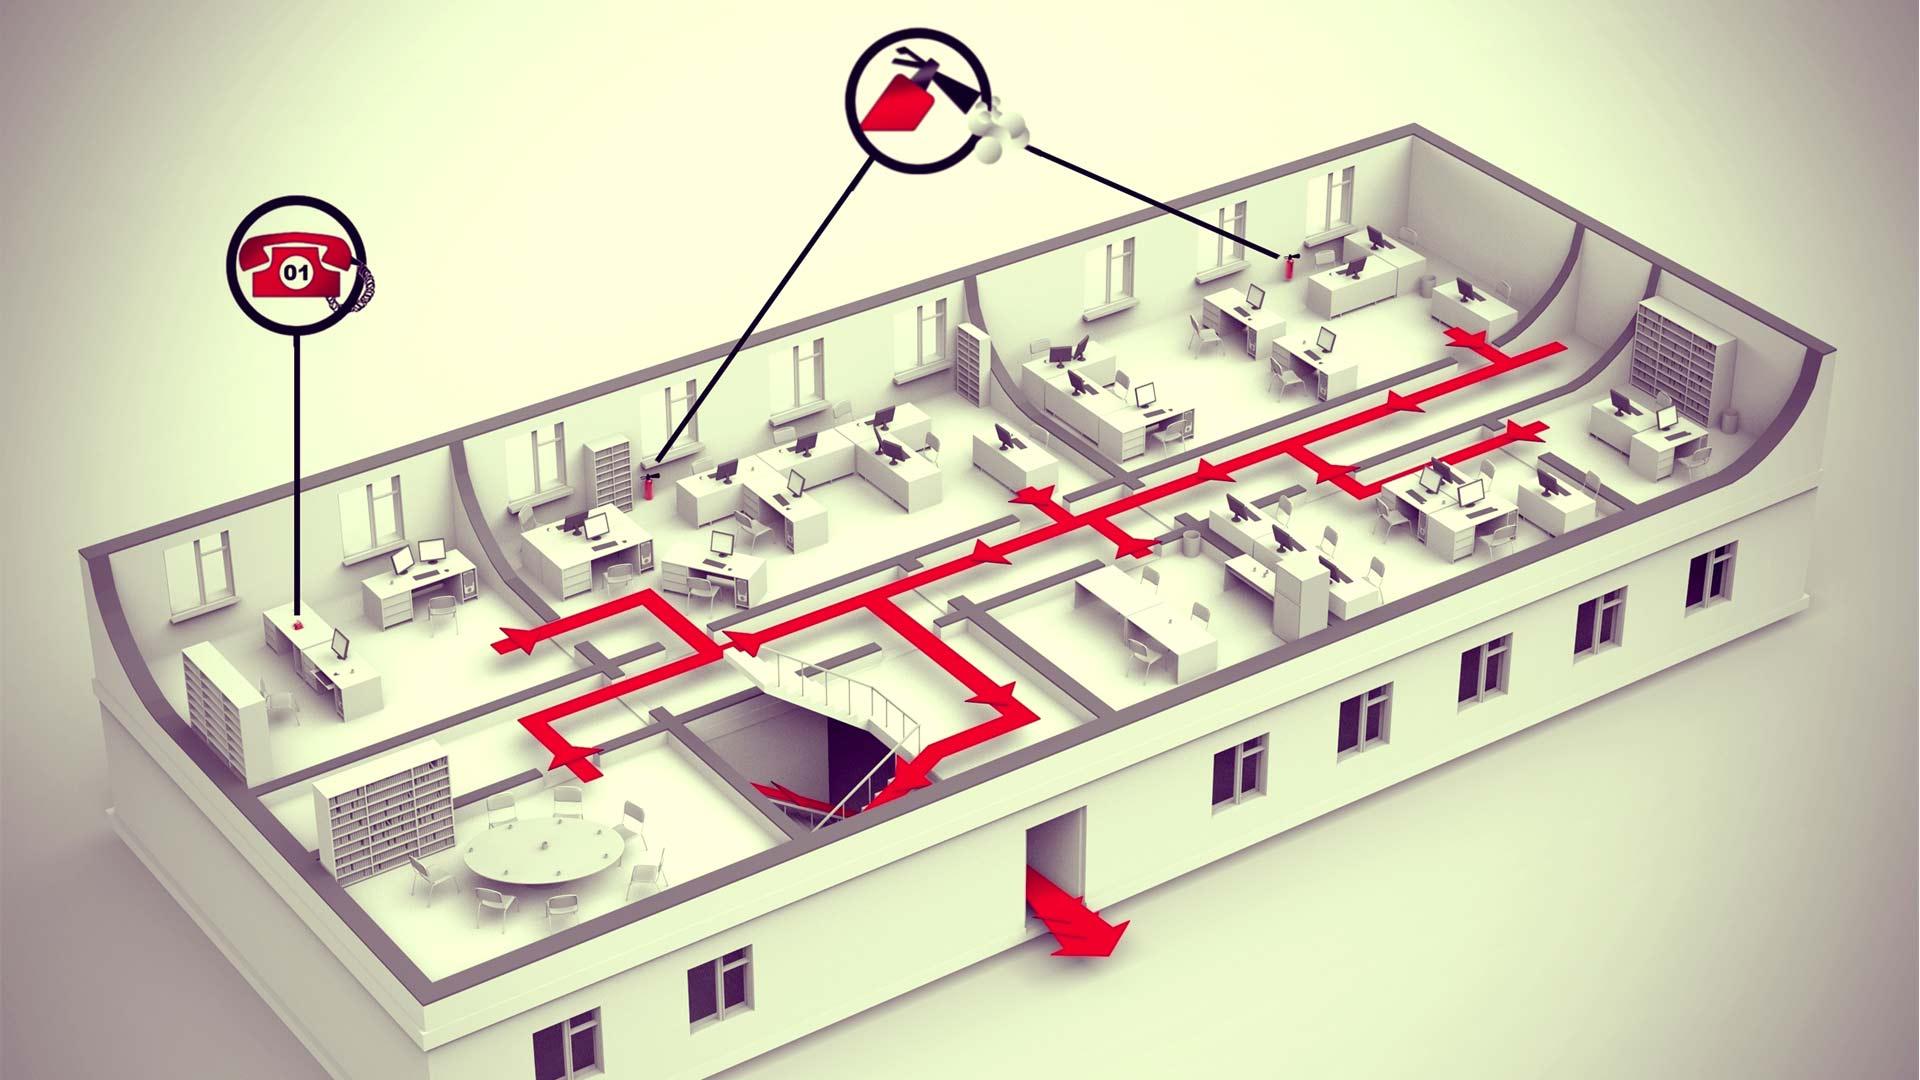 На схеме представлено описание основных мер по пожарной безопасности для офисных помещений бизнес-центра.